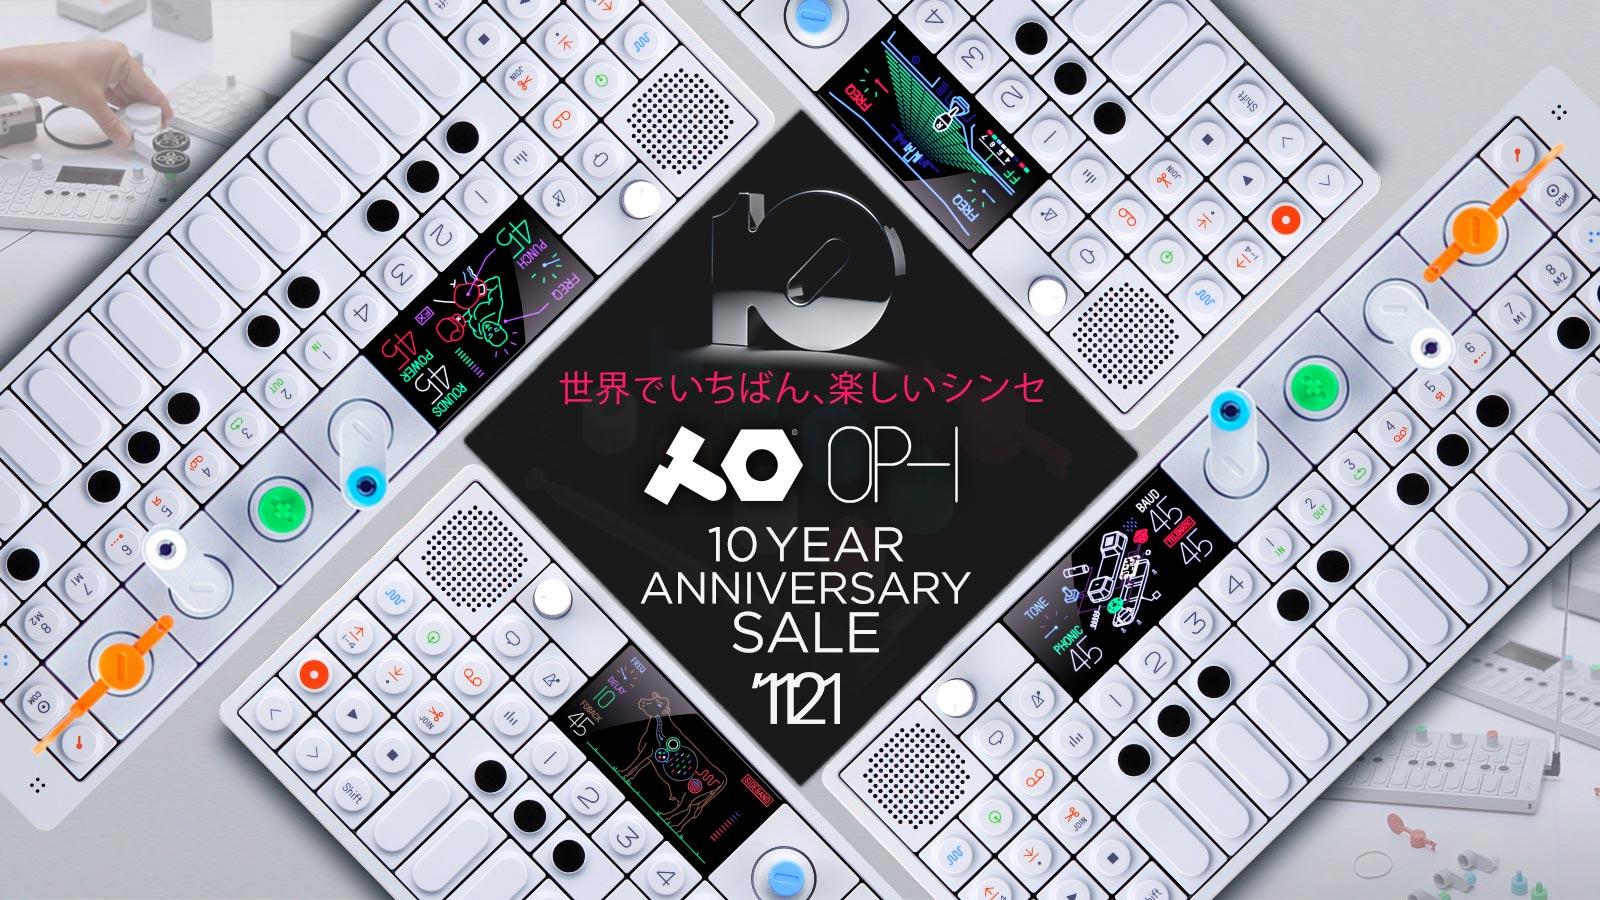 【期間数量限定品】Teenage Engineering OP-1 10周年記念セール!